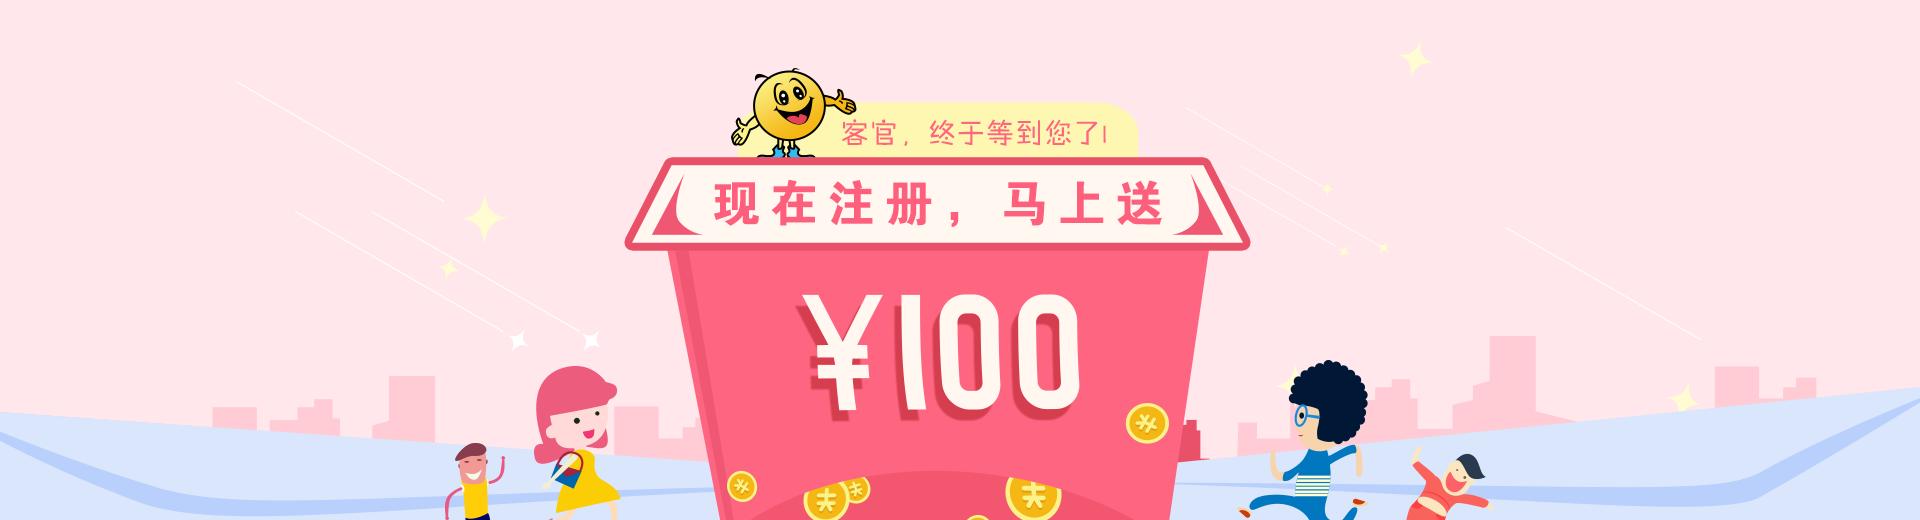 注册送100